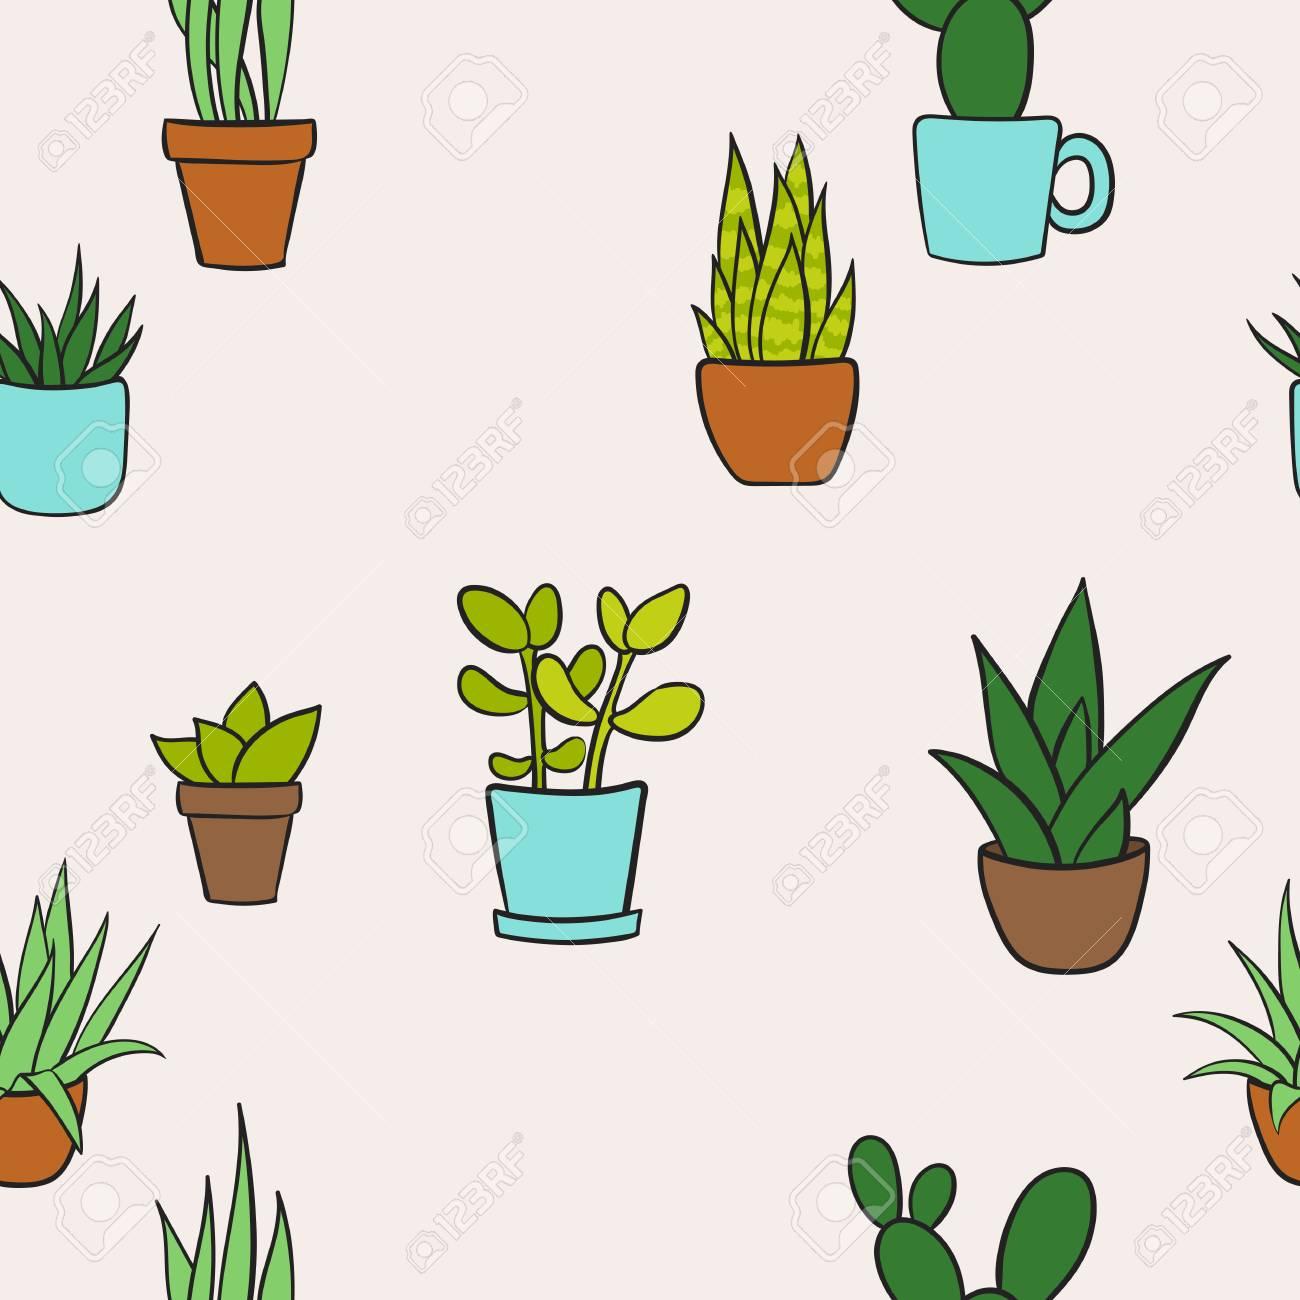 Vector Seamless Pattern Avec Des Plantes Maison Dans Des Pots Motif De Dessin Animé Mignon Illustration Vectorielle